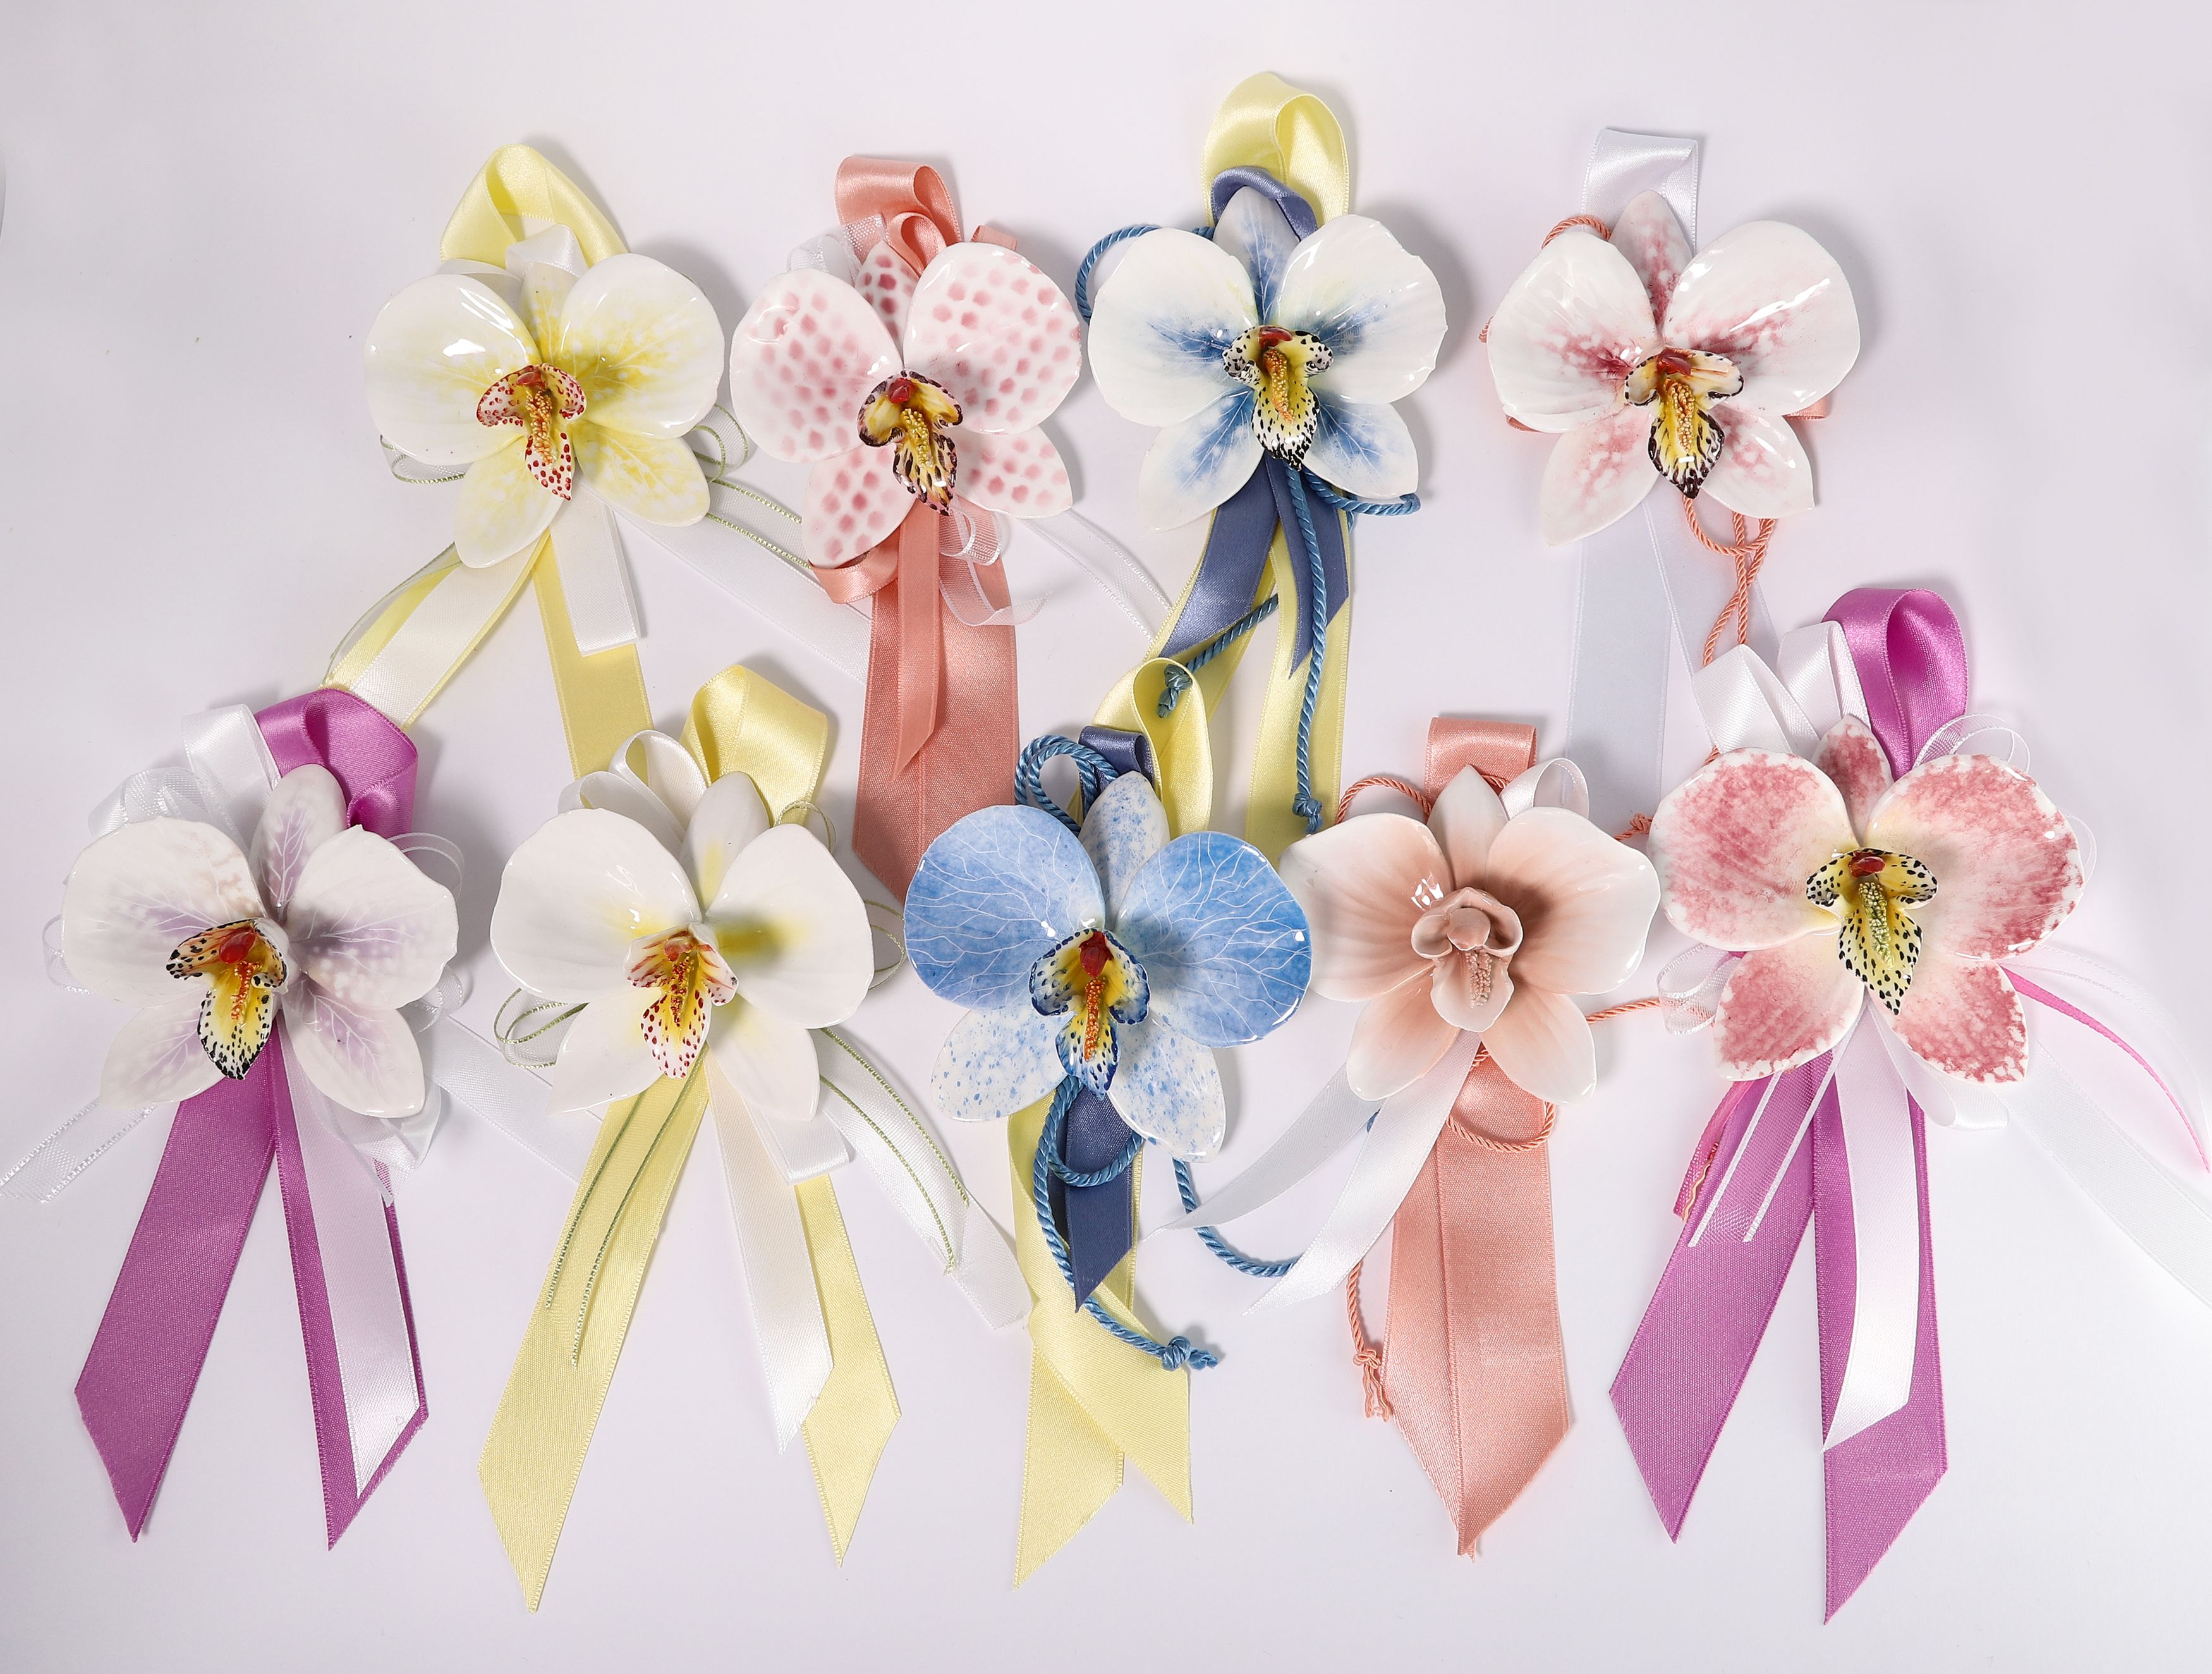 Segnaposto Matrimonio Orchidea.Segnaposto Bomboniere Matrimonio E Anniversario Orchidee Dipinte